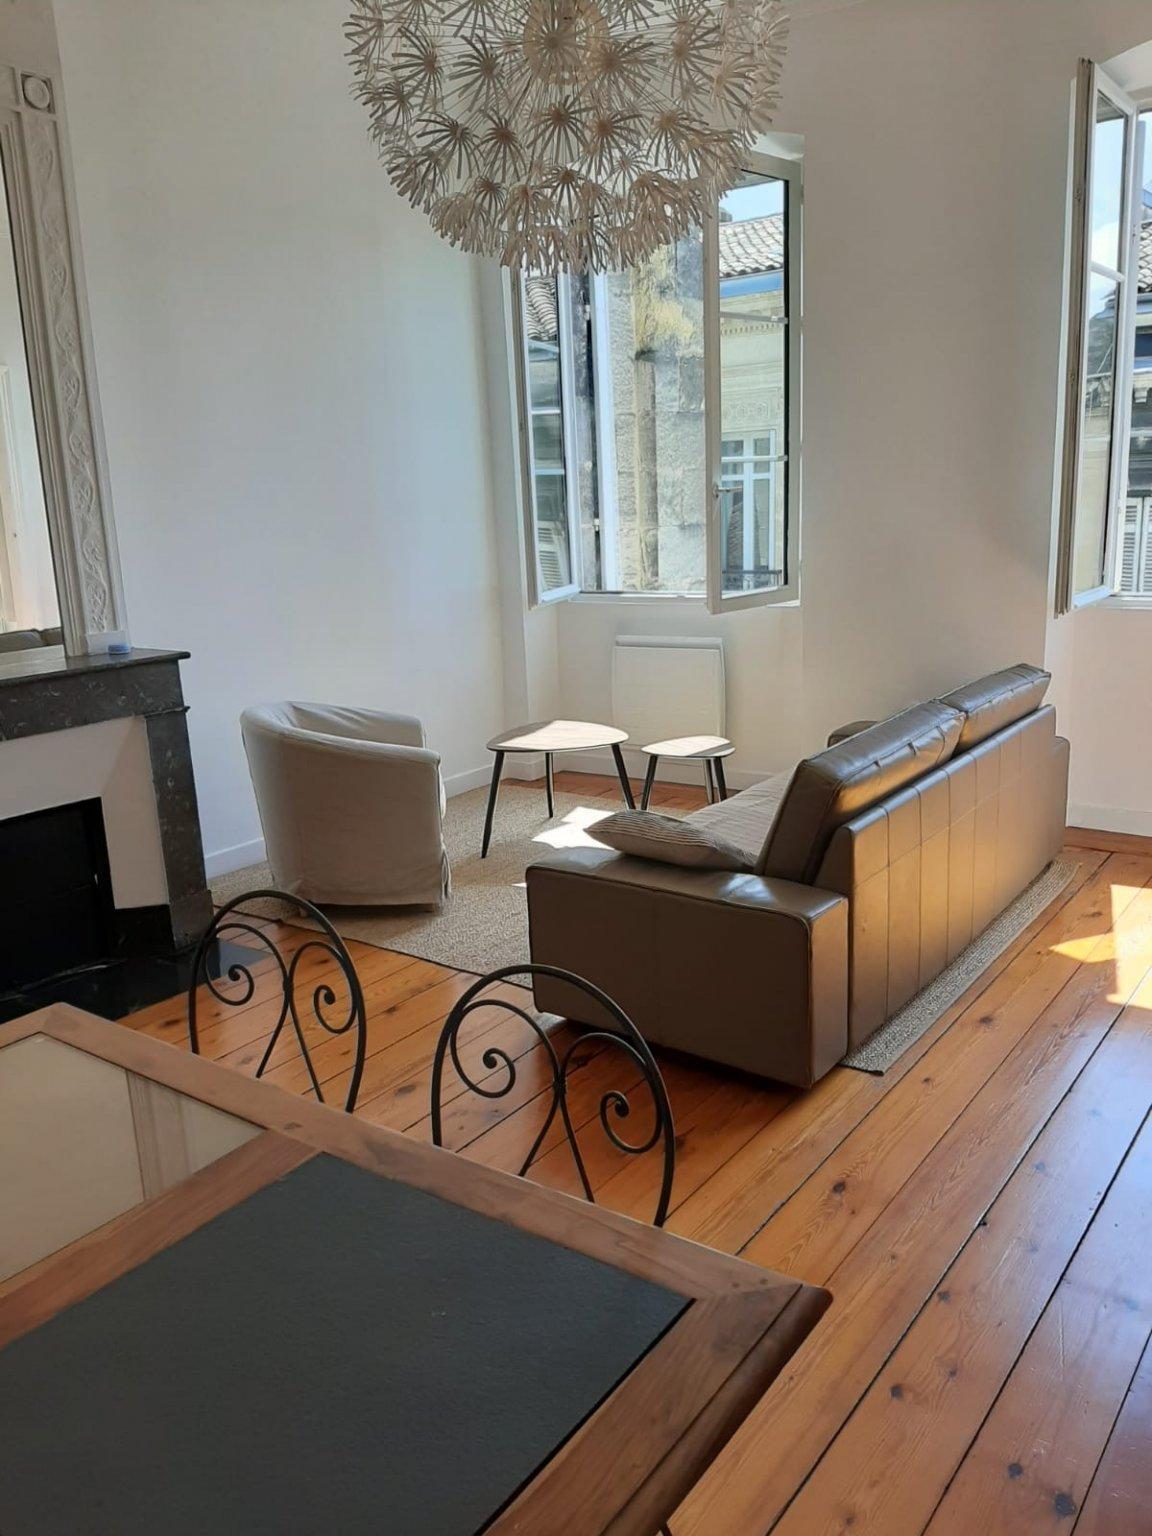 BORDEAUX CENTRE Rue Des Trois Conils Appartement T 04 de 94.35 m2 DEDIE A LA COLOCATION  1 CHAMBRE A LOUER